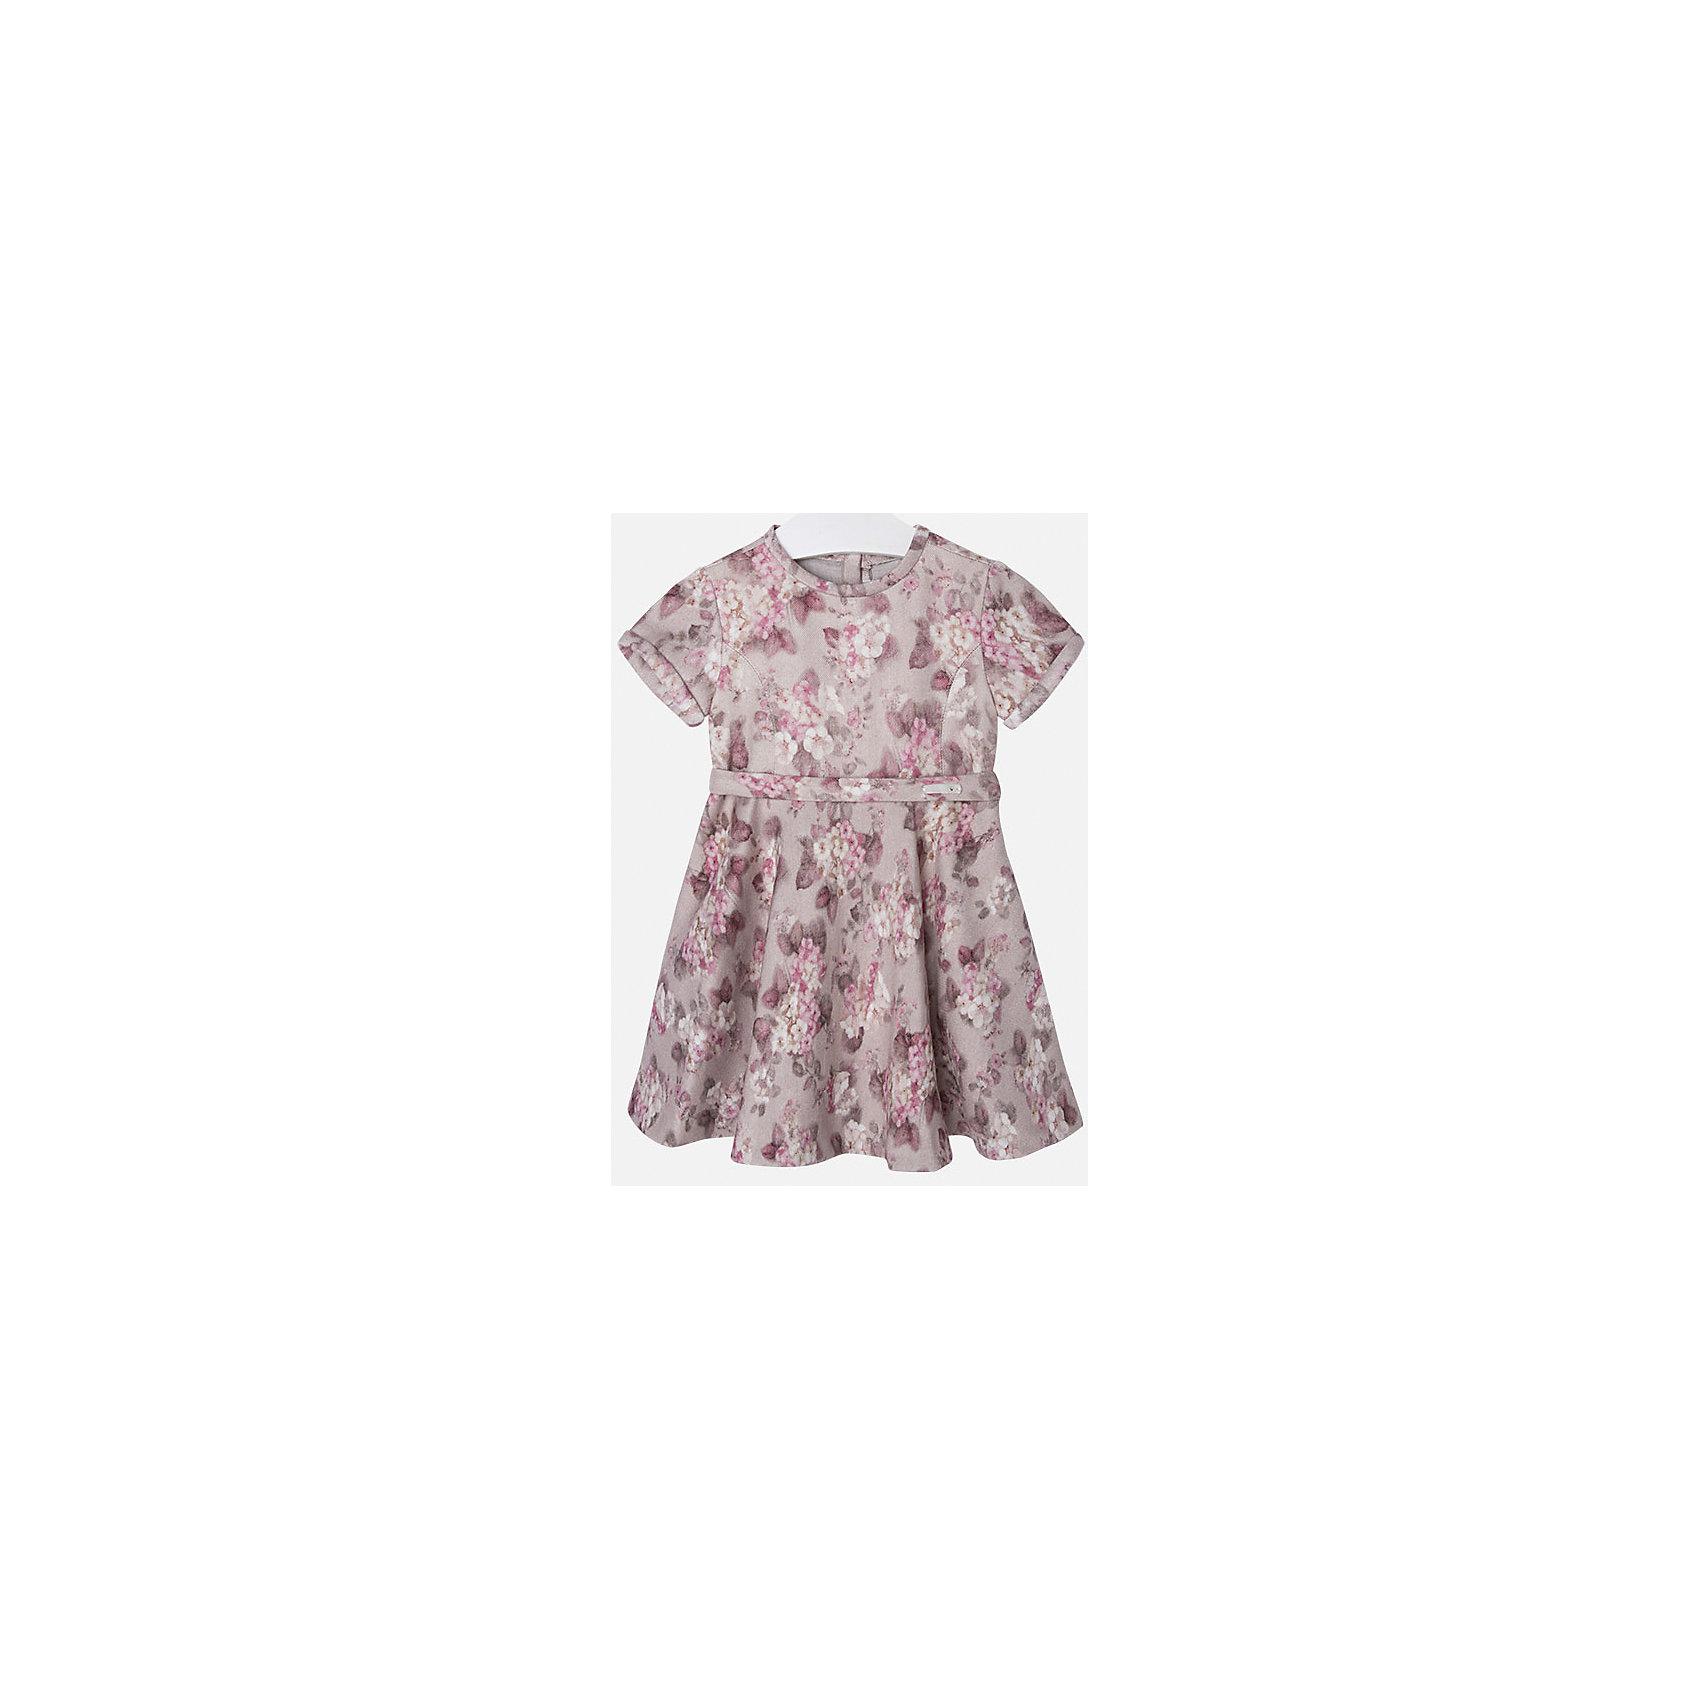 Платье для девочки MayoralНарядное платье торговой марки Mayoral в цветочек отлично подойдет для любого торжества. Выполнено из мягкой ткани, приятной на ощупь. Платье с коротким рукавом, пышной юбкой и приталенным пояском. Сзади застегивается на молнию.<br><br>Дополнительная информация: <br><br>- цвет: темно-серый<br>- состав: 68 % вискоза, 30 % полиэстер, 2 % эластана<br>- вырез горловины: округлый<br>- длина рукава: короткий<br>- вид застежки:  застежка сзади<br>- покрой: прямой<br>- фактура материала: трикотажный<br>- тип карманов: без карманов<br>- уход за вещами: бережная стирка при 30 градусах<br>- назначение: повседневная<br>- конструктивные элементы: без разреза<br>- пол: девочки<br>- страна бренда: Испания<br>- страна производитель: Китай<br>- комплектация: платье<br><br>Платье для девочки торговой марки Mayoral можно купить в нашем интернет-магазине.<br><br>Ширина мм: 236<br>Глубина мм: 16<br>Высота мм: 184<br>Вес г: 177<br>Цвет: серый<br>Возраст от месяцев: 48<br>Возраст до месяцев: 60<br>Пол: Женский<br>Возраст: Детский<br>Размер: 110,128,104,134,98,122,116<br>SKU: 4844485